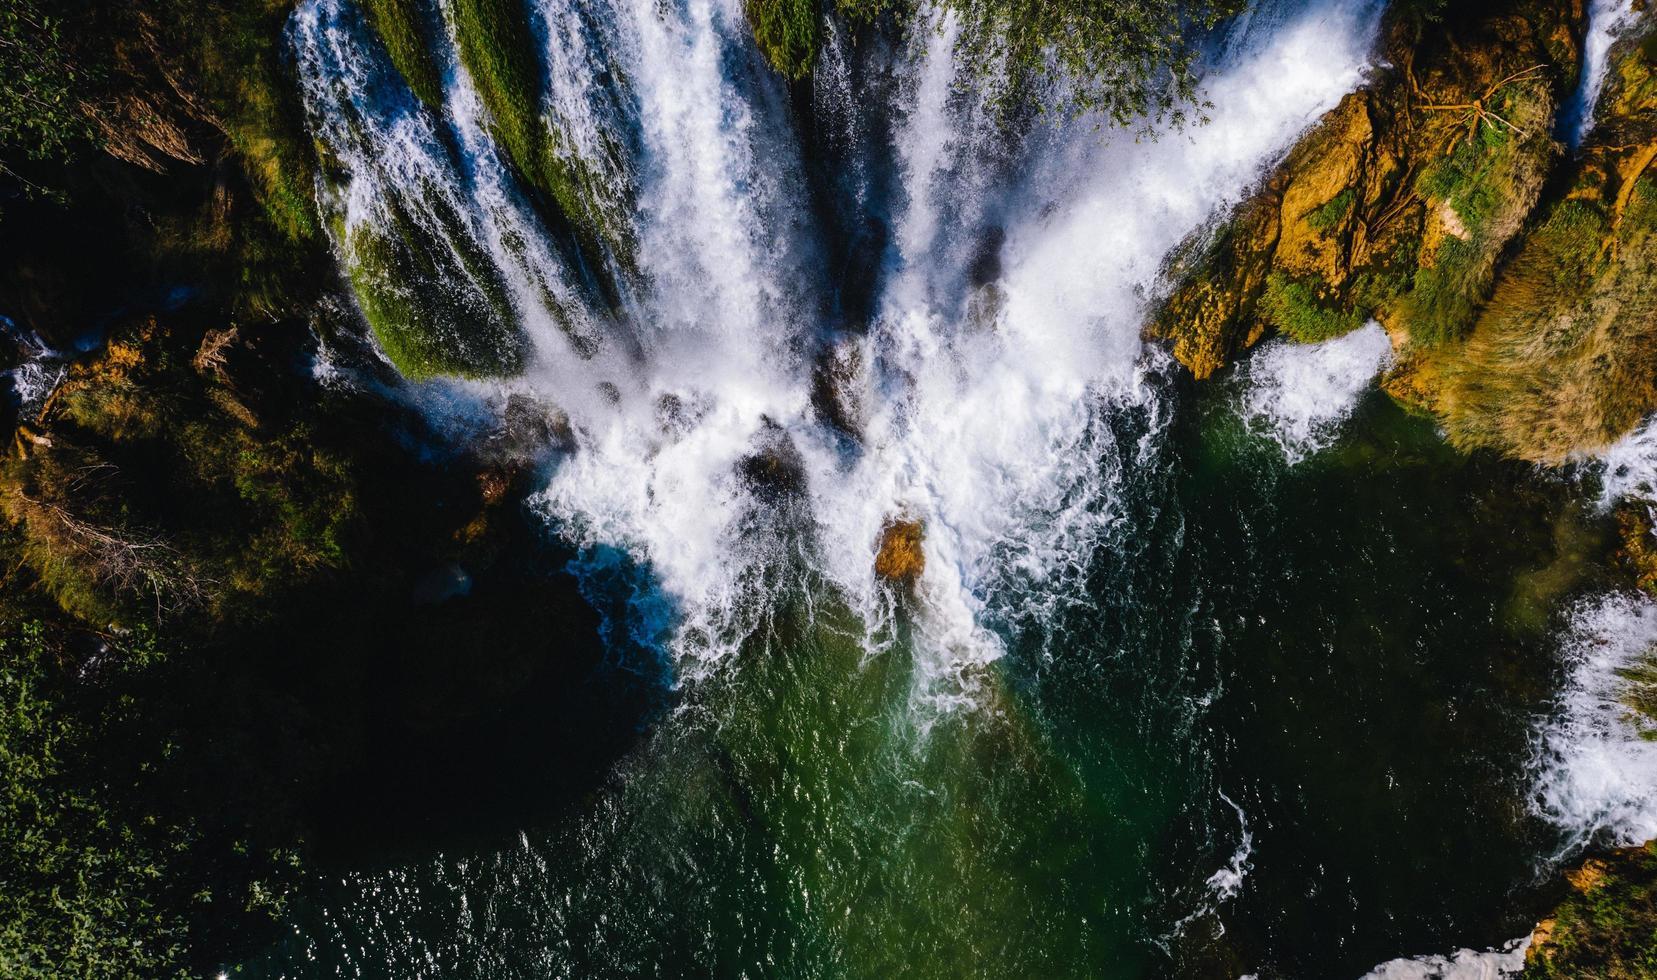 cascades aériennes pendant la journée photo